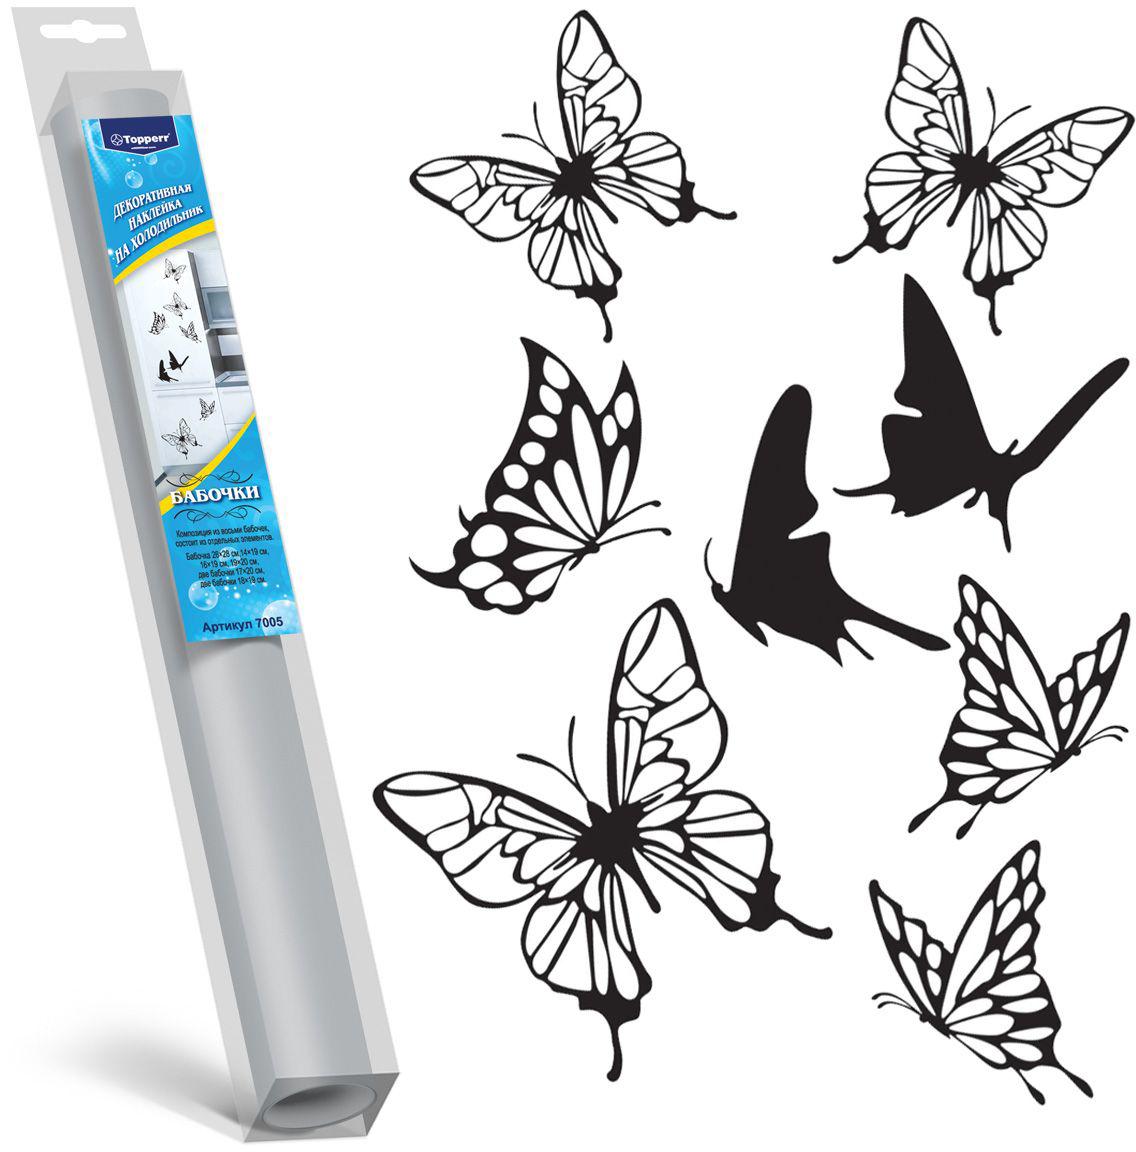 Декоративная наклейка Topperr Бабочки для холодильников5410306877667Декоративная цветная наклейка на холодильник из винила Бабочки. Композиция из восьми бабочек, состоит из отдельных элементов. Бабочки: 26 х 28 см, 14 х 19 см, 16 х 19 см, 19 х 20 см, 17,5 х 20 см – шт., 18 х 19 см – 2 шт.Способ применения:Достаньте композицию из упаковки. Наклеивать нужно на чистую и сухую поверхность. Аккуратно отделите рисунок от бумаги. Смочите оборотную сторону мыльным раствором. Начинать приклеивать композицию лучше сверху. Приклеивайте рисунок на поверхность, тщательно разглаживания композицию по направлению от середины к краям.В упаковке: 1 шт